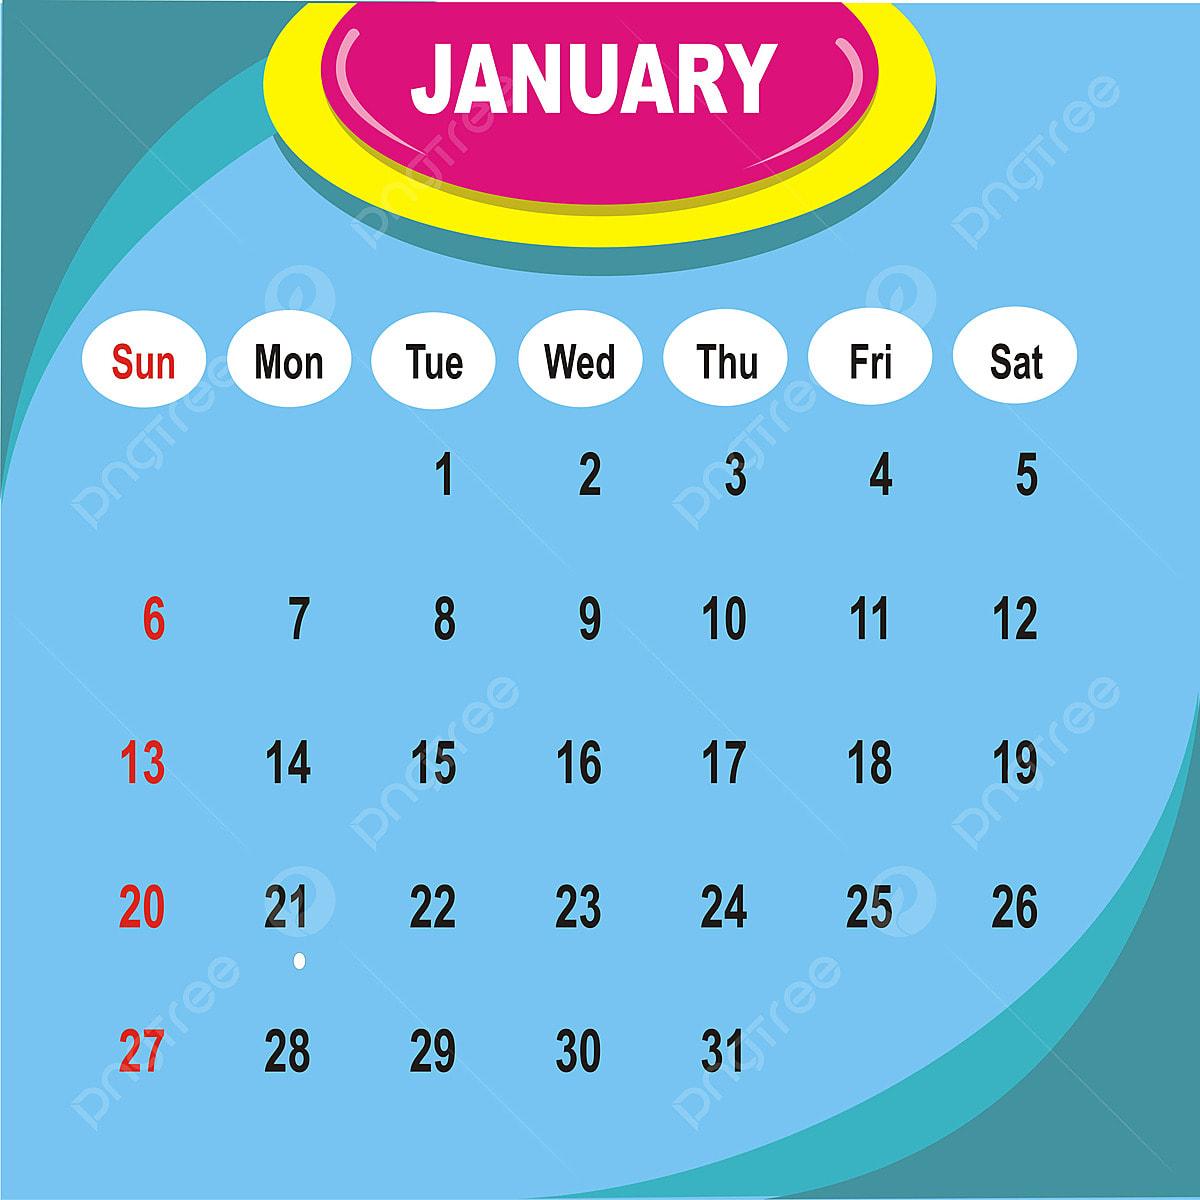 2019 تقويم شهر يناير ملصق ناقل التقويم قالب خلفية Png والمتجهات للتحميل مجانا